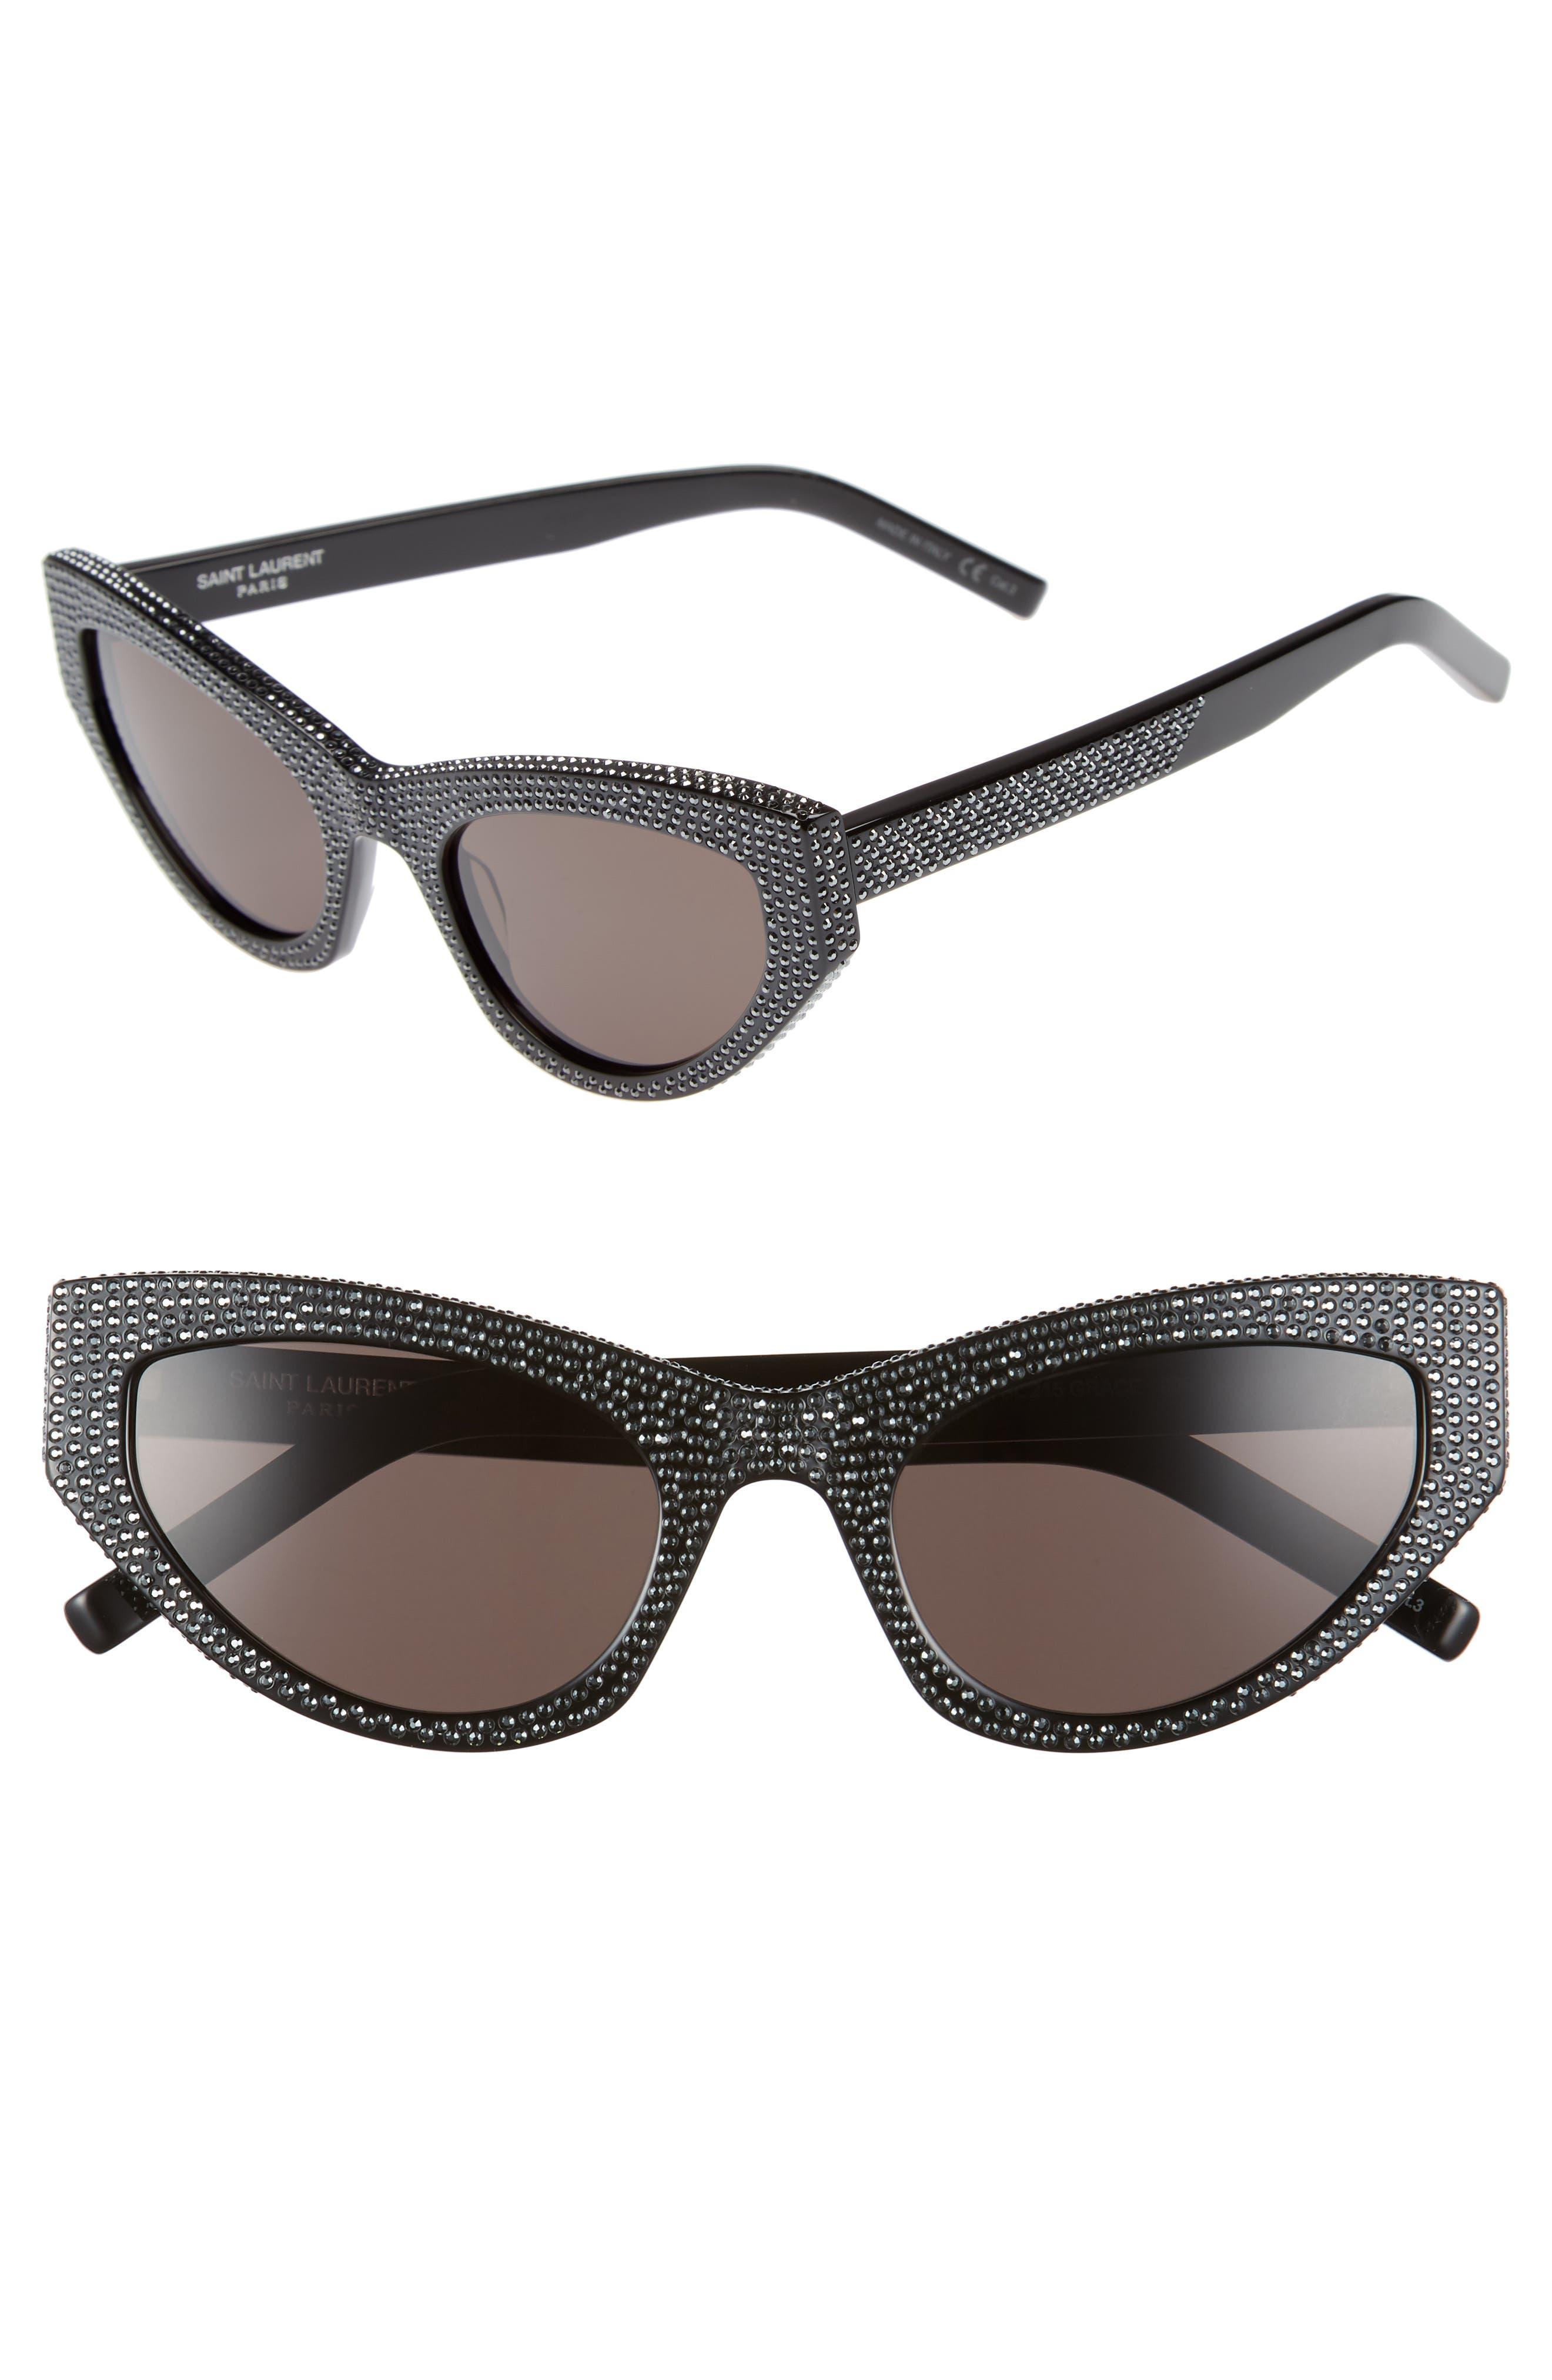 Saint Laurent Grace 54mm Sunglasses